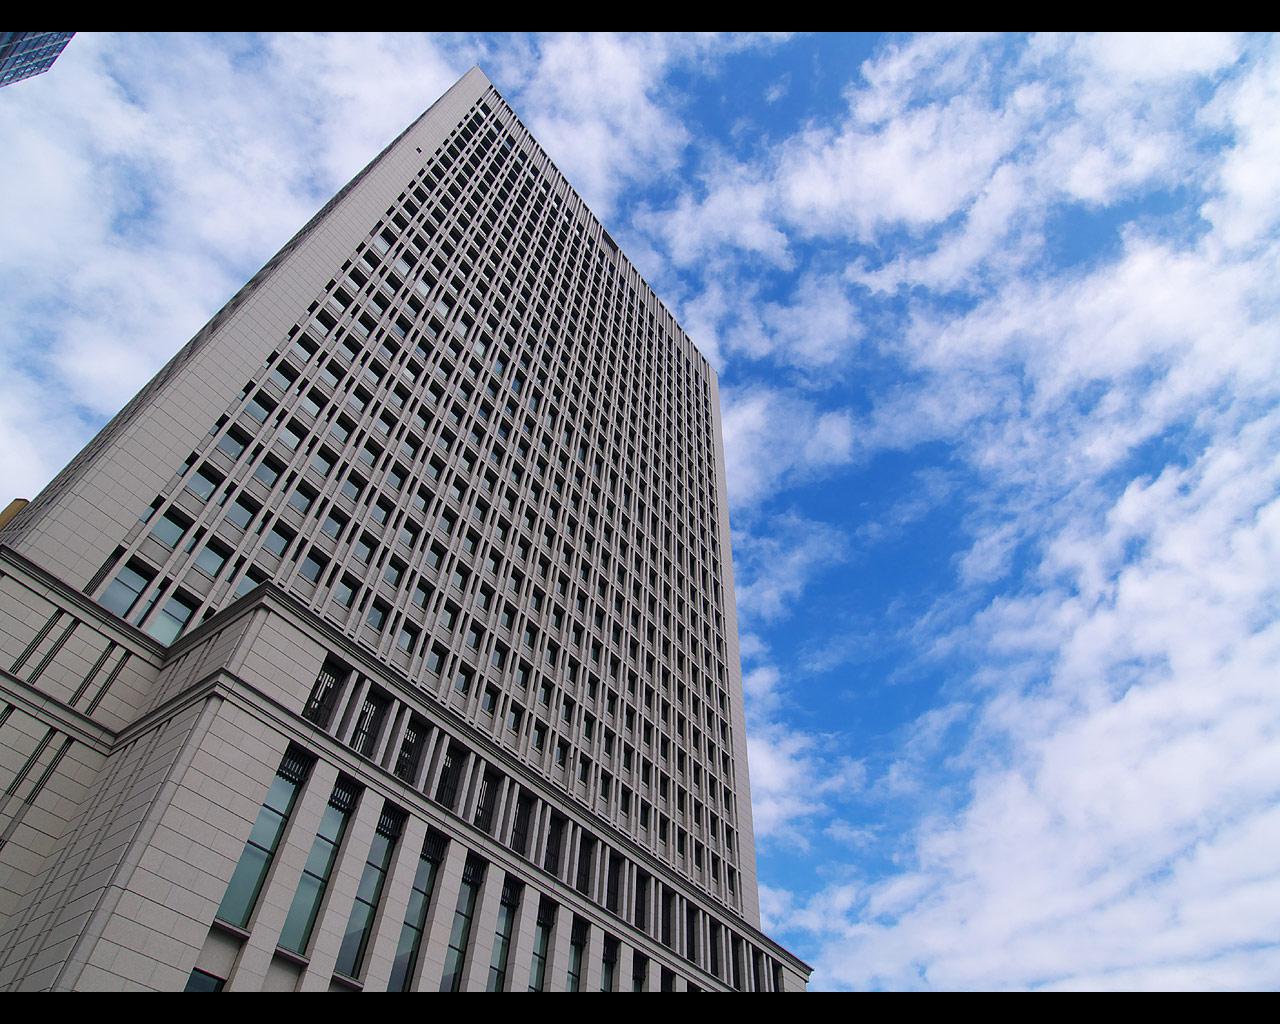 丸の内オアゾ(oazo) 日本生命丸の内ビルの壁紙写真 2(1280×1024)